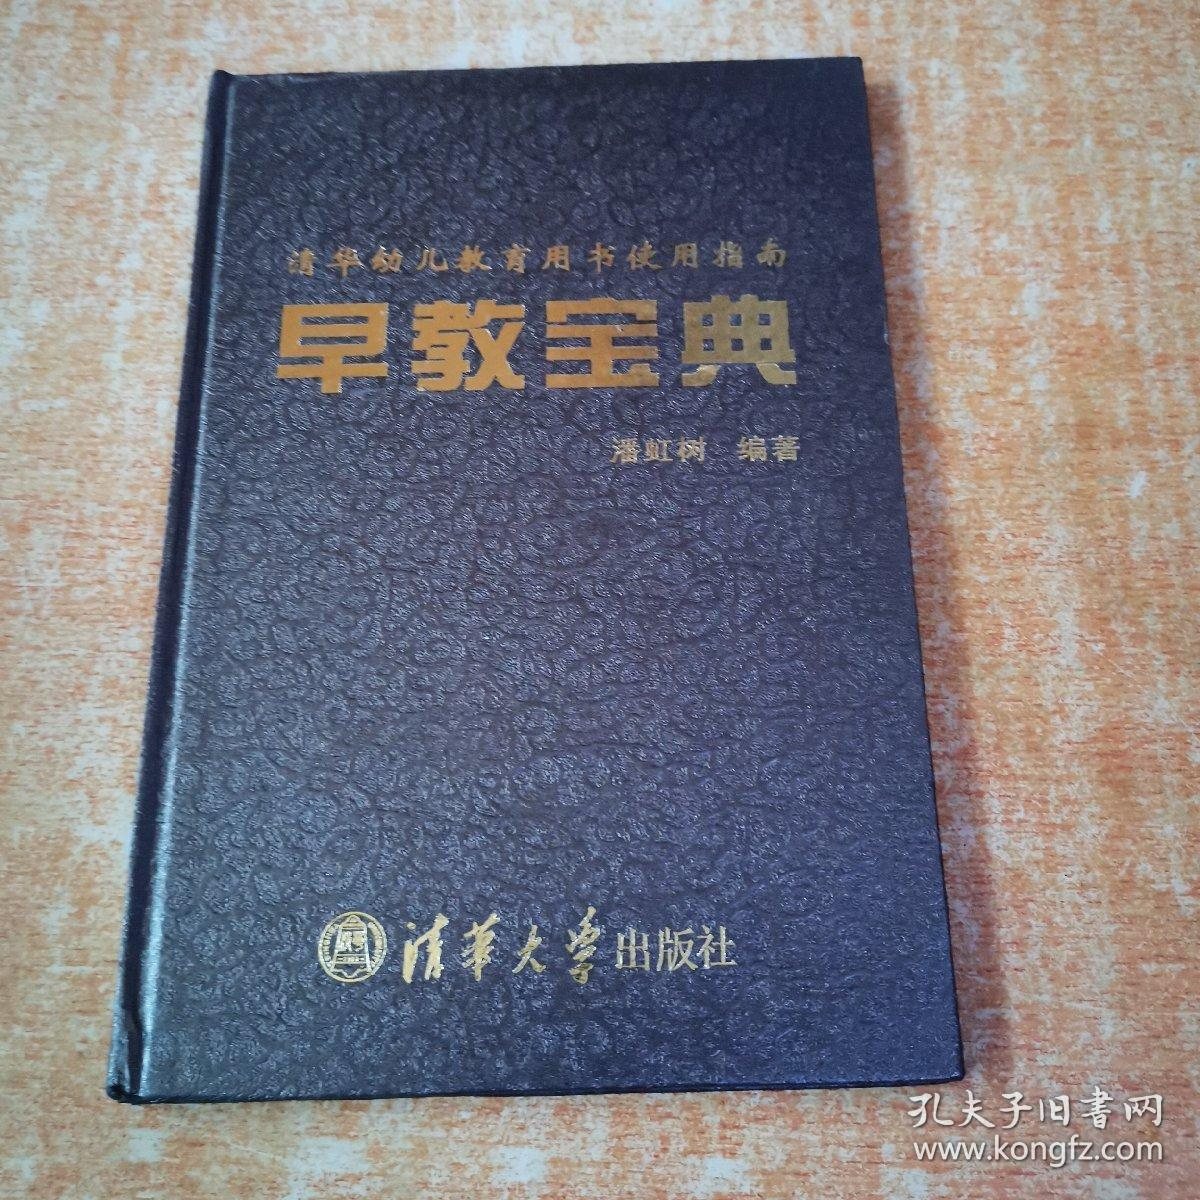 清华幼儿教育用书使用指南.早教宝典